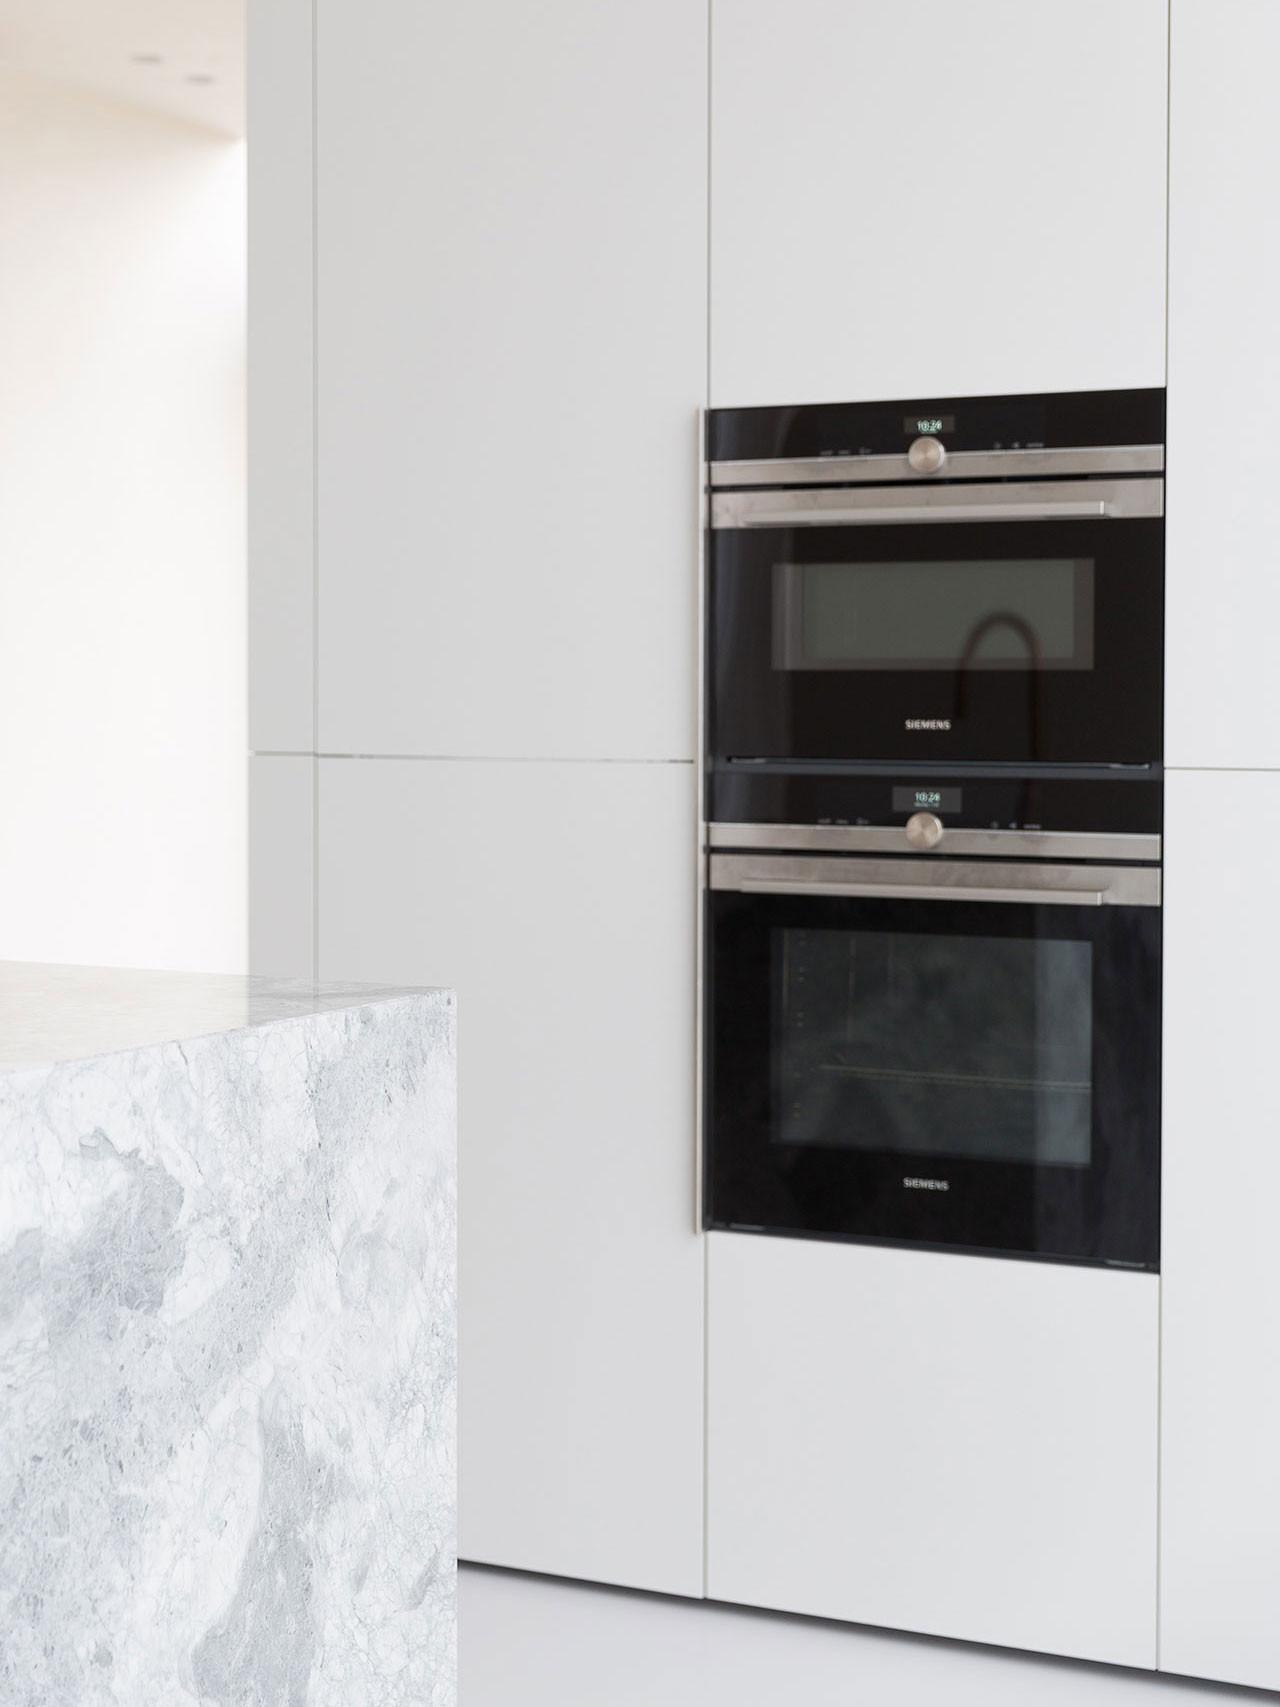 Dekeyzer-hedendaagse-keuken-realisatie-Gent-natuursteen-7.jpg